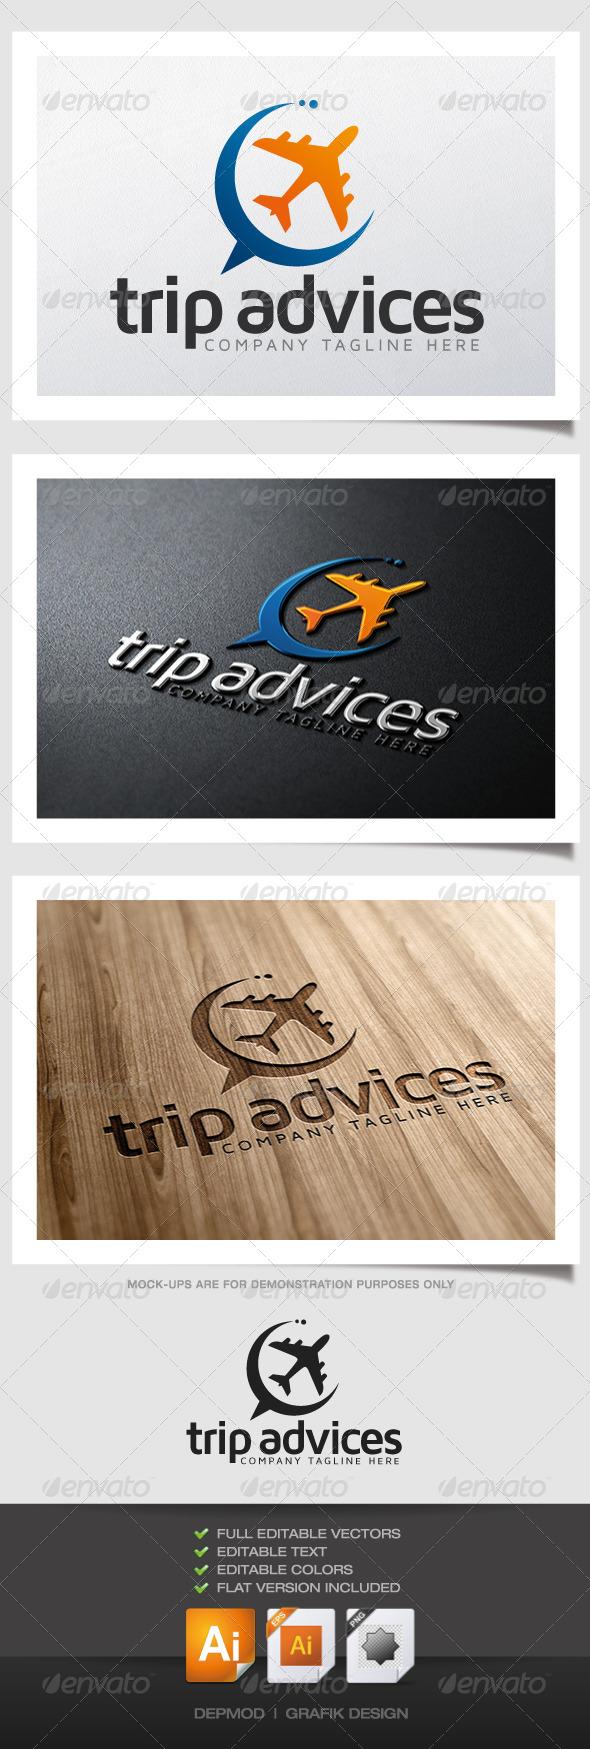 GraphicRiver Trip Advices Logo 4814163